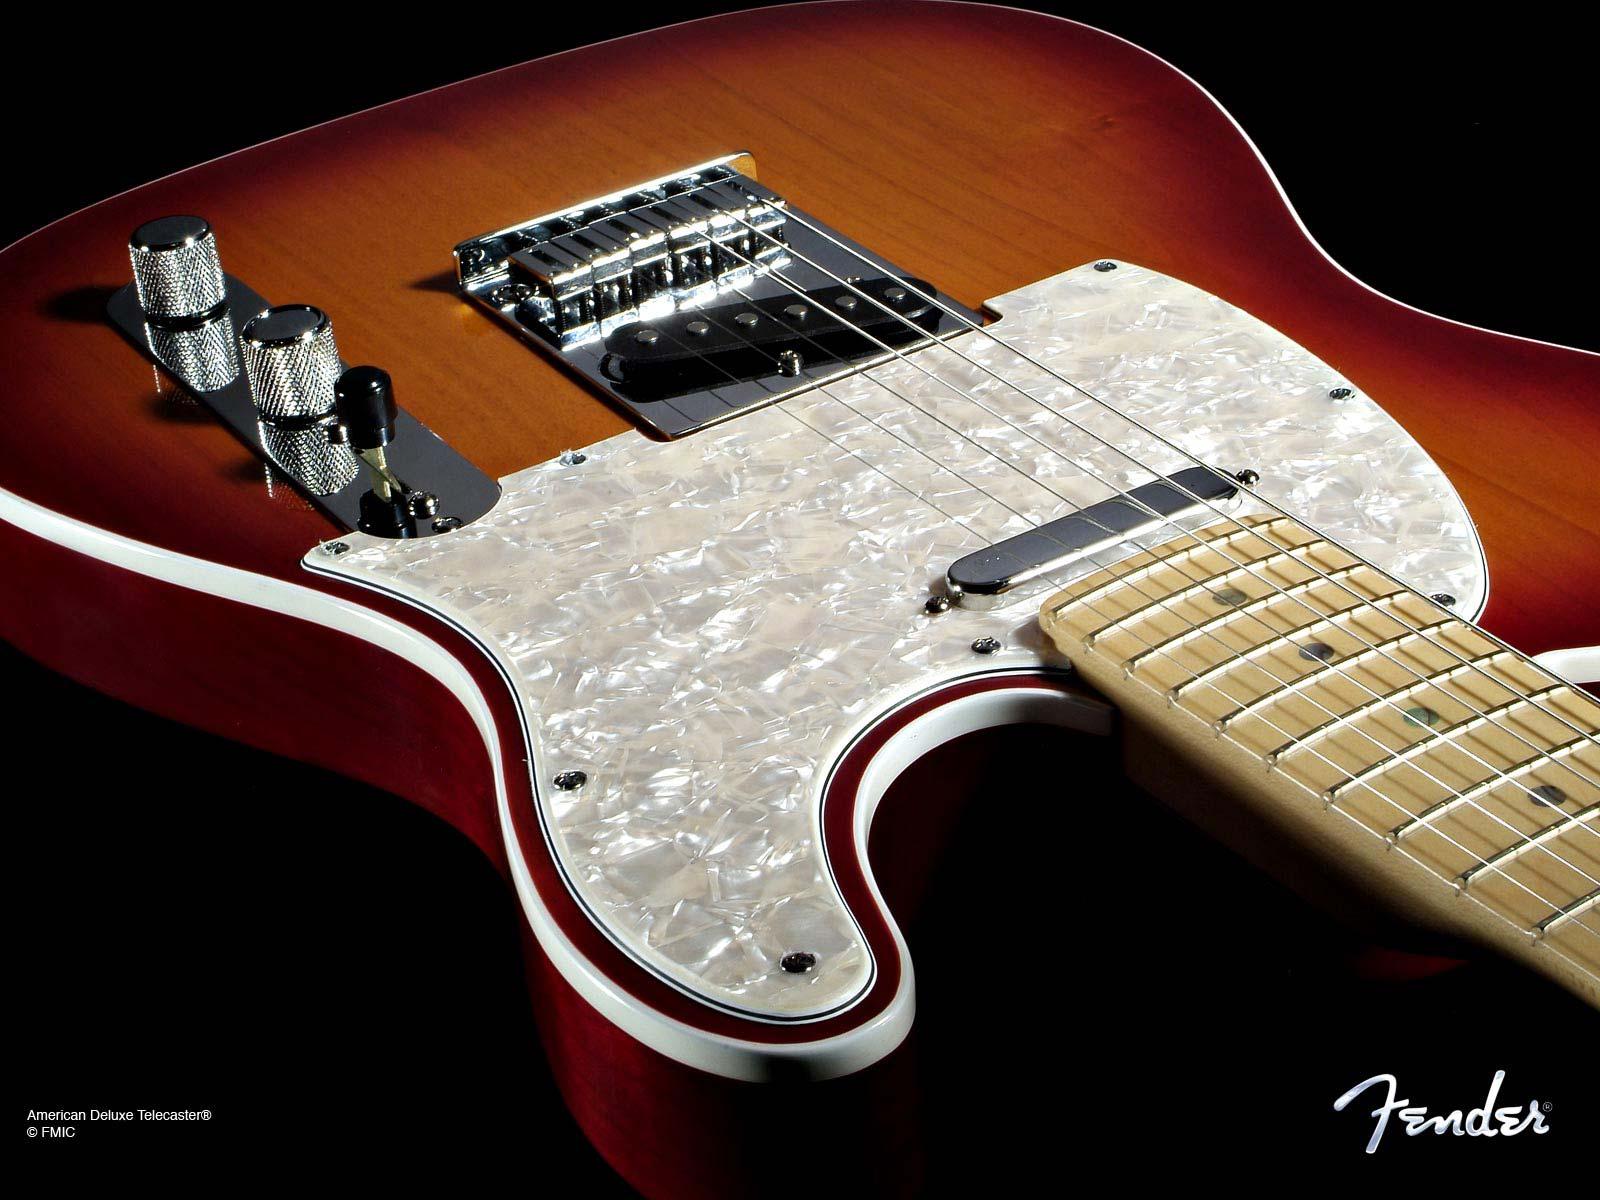 http://4.bp.blogspot.com/_57ZnOGH3fTE/S-q-ksUW0YI/AAAAAAAAAXg/d5XO84k0_PE/s1600/www.fondosyfonditos.com.ar-390-Guitar-prop+(55)435342gfgfdsg.jpg